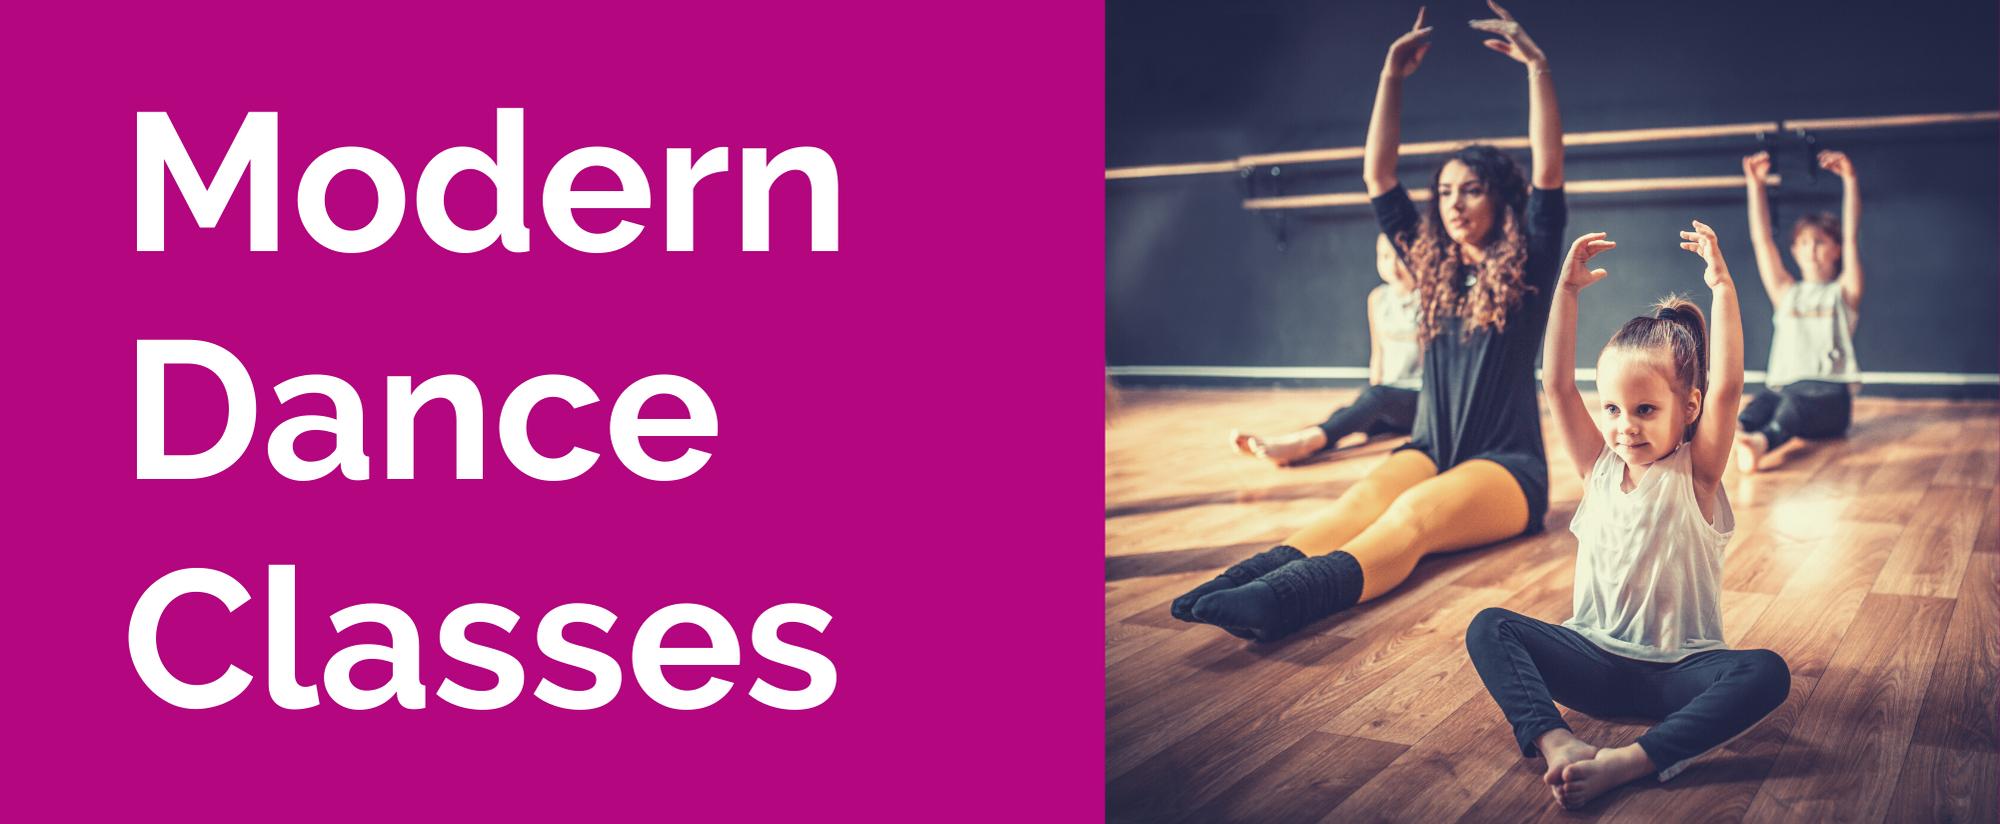 Children's Modern Dance Classes